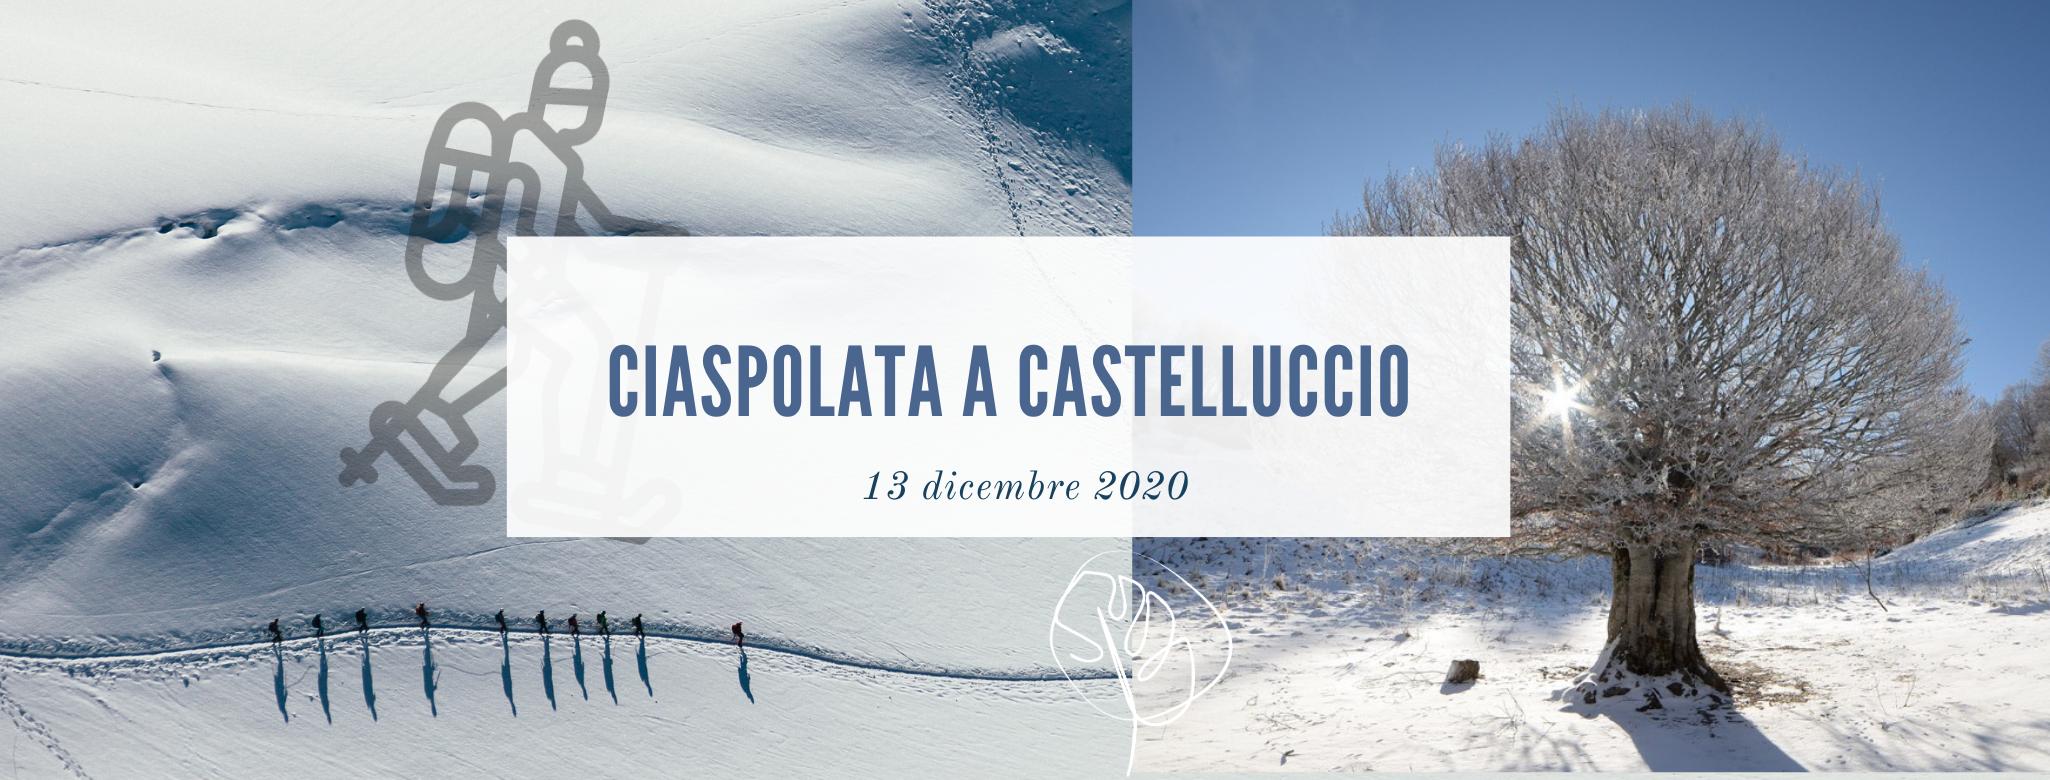 Ciaspolata a Castelluccio